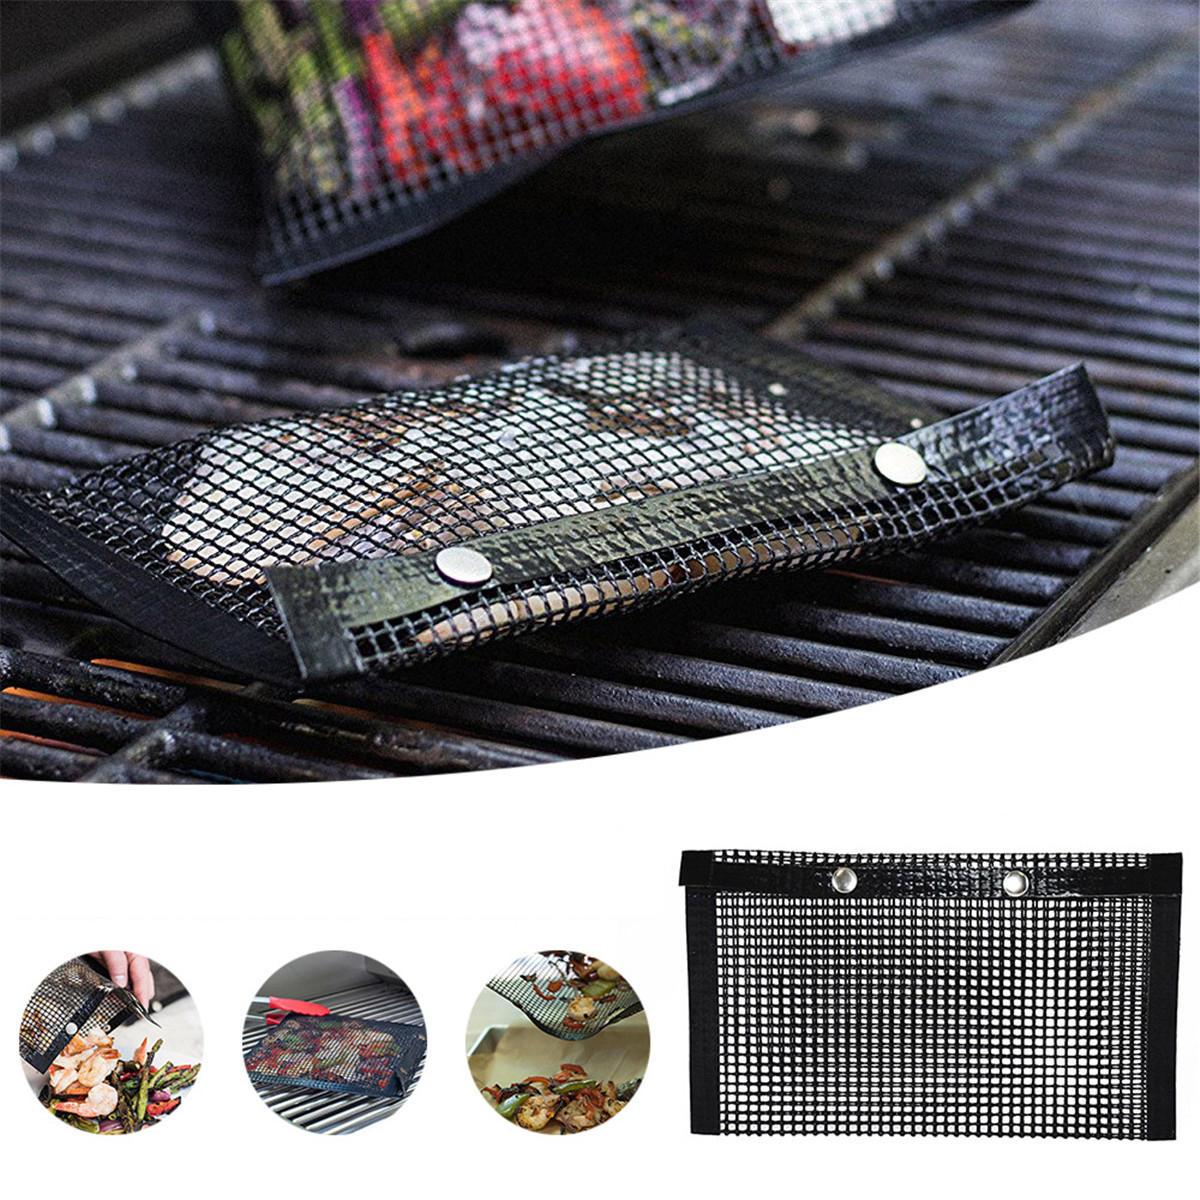 Thịt nướng ngoài trời BBQ Không dính Lưới Nướng Túi Mat Nhiệt độ cao Kháng cắm trại